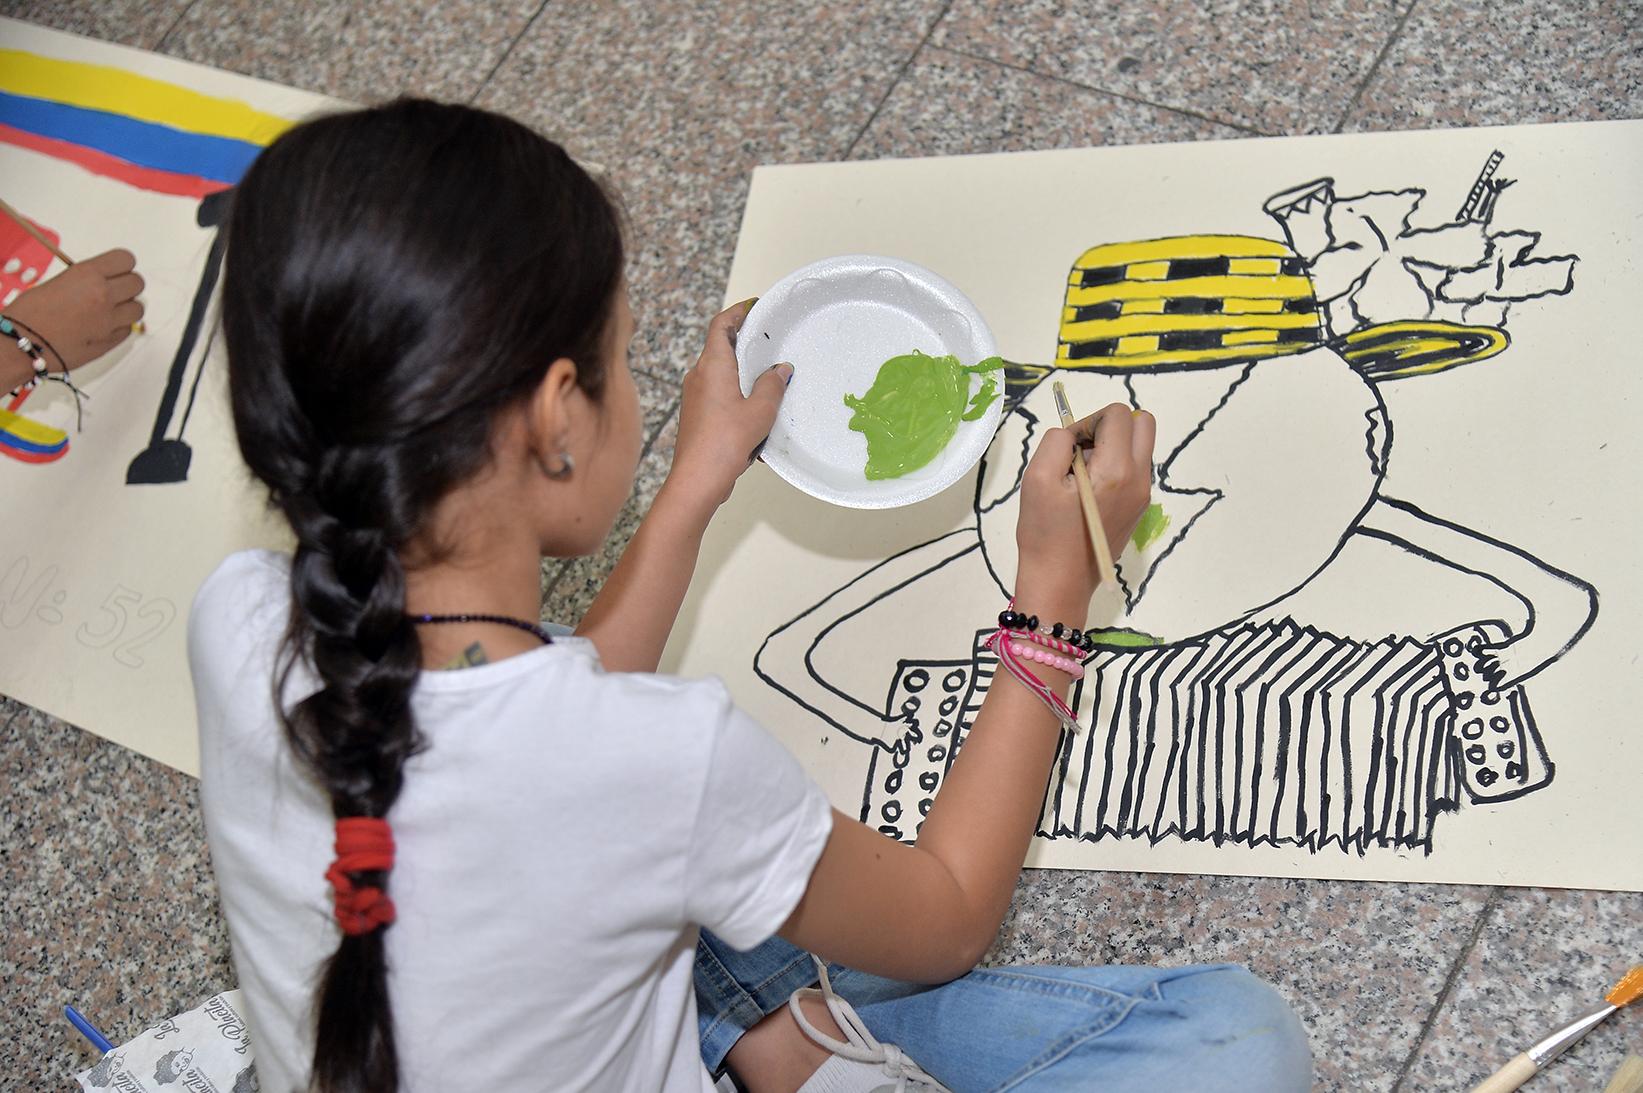 Abiertas las inscripciones para el concurso 'Los niños pintan el Festival Vallenato' – @FESVALLENATO